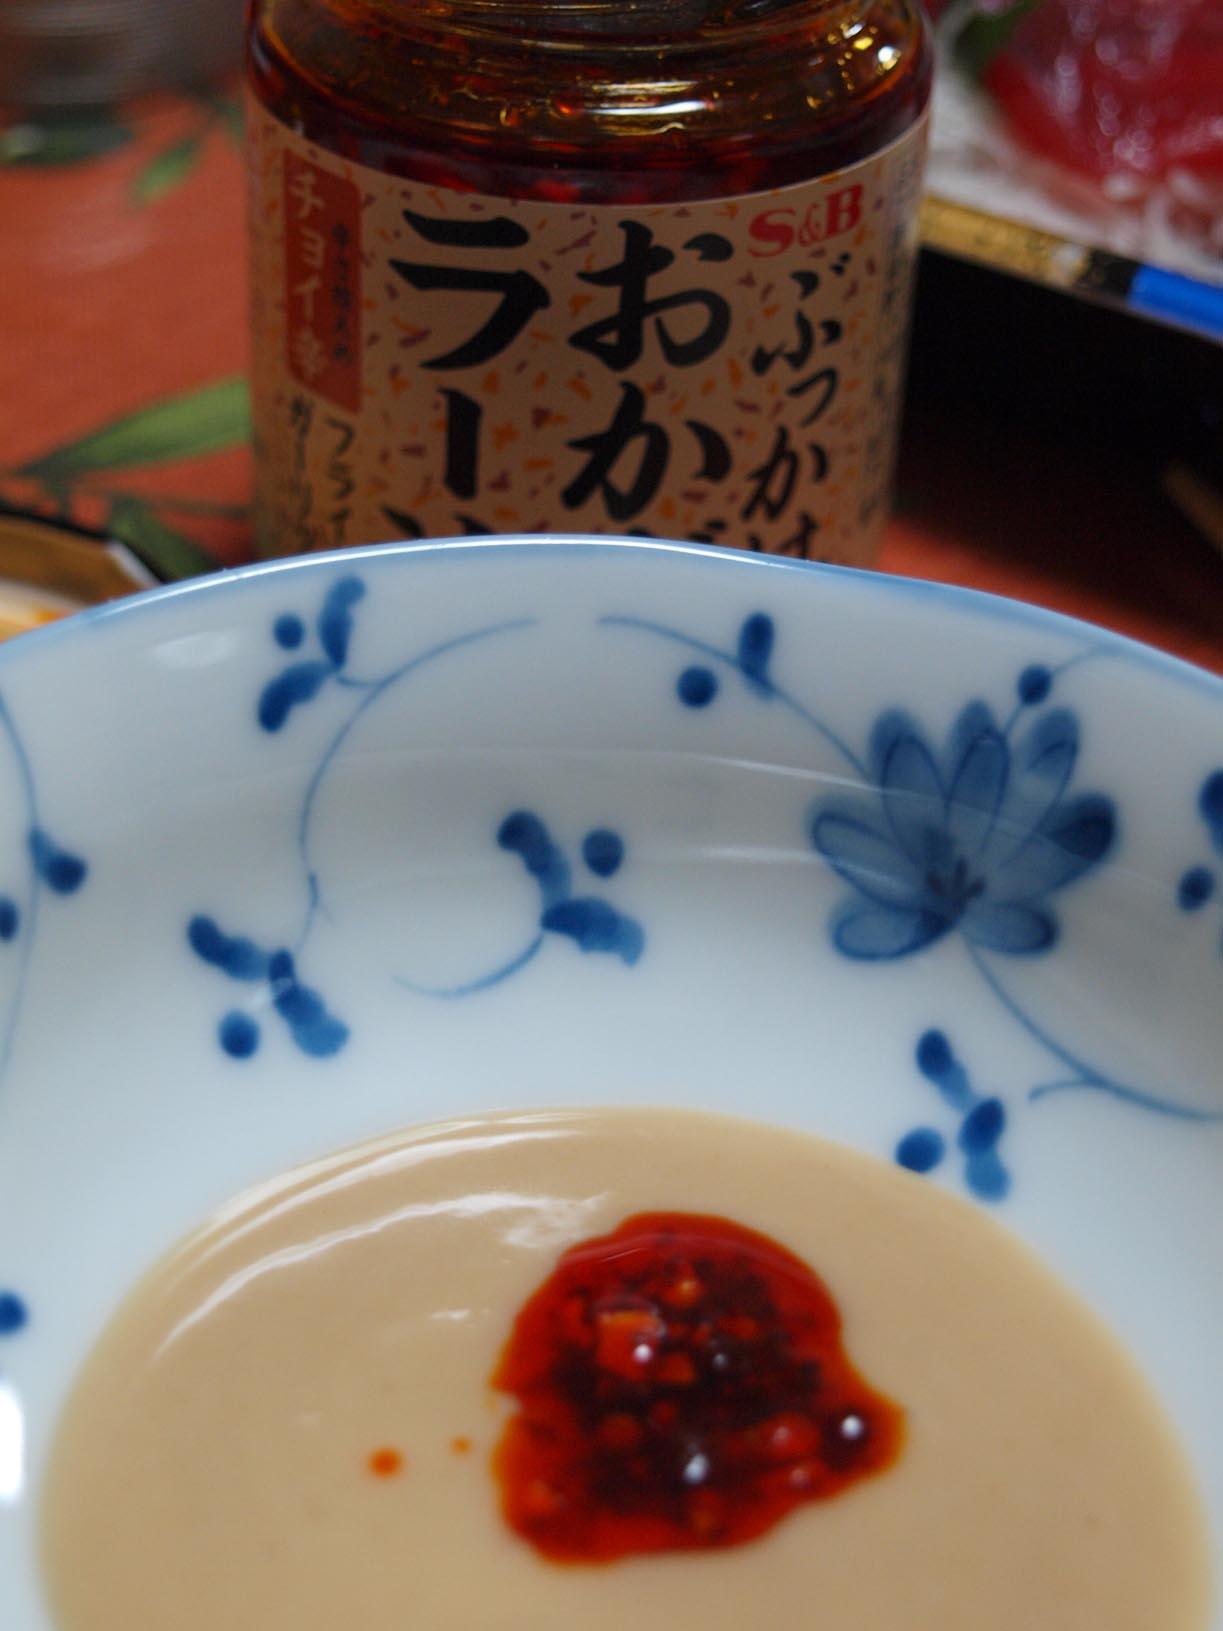 日本到着の夜ご飯はいつもこれ!ーー日本滞在記_c0179785_4224036.jpg